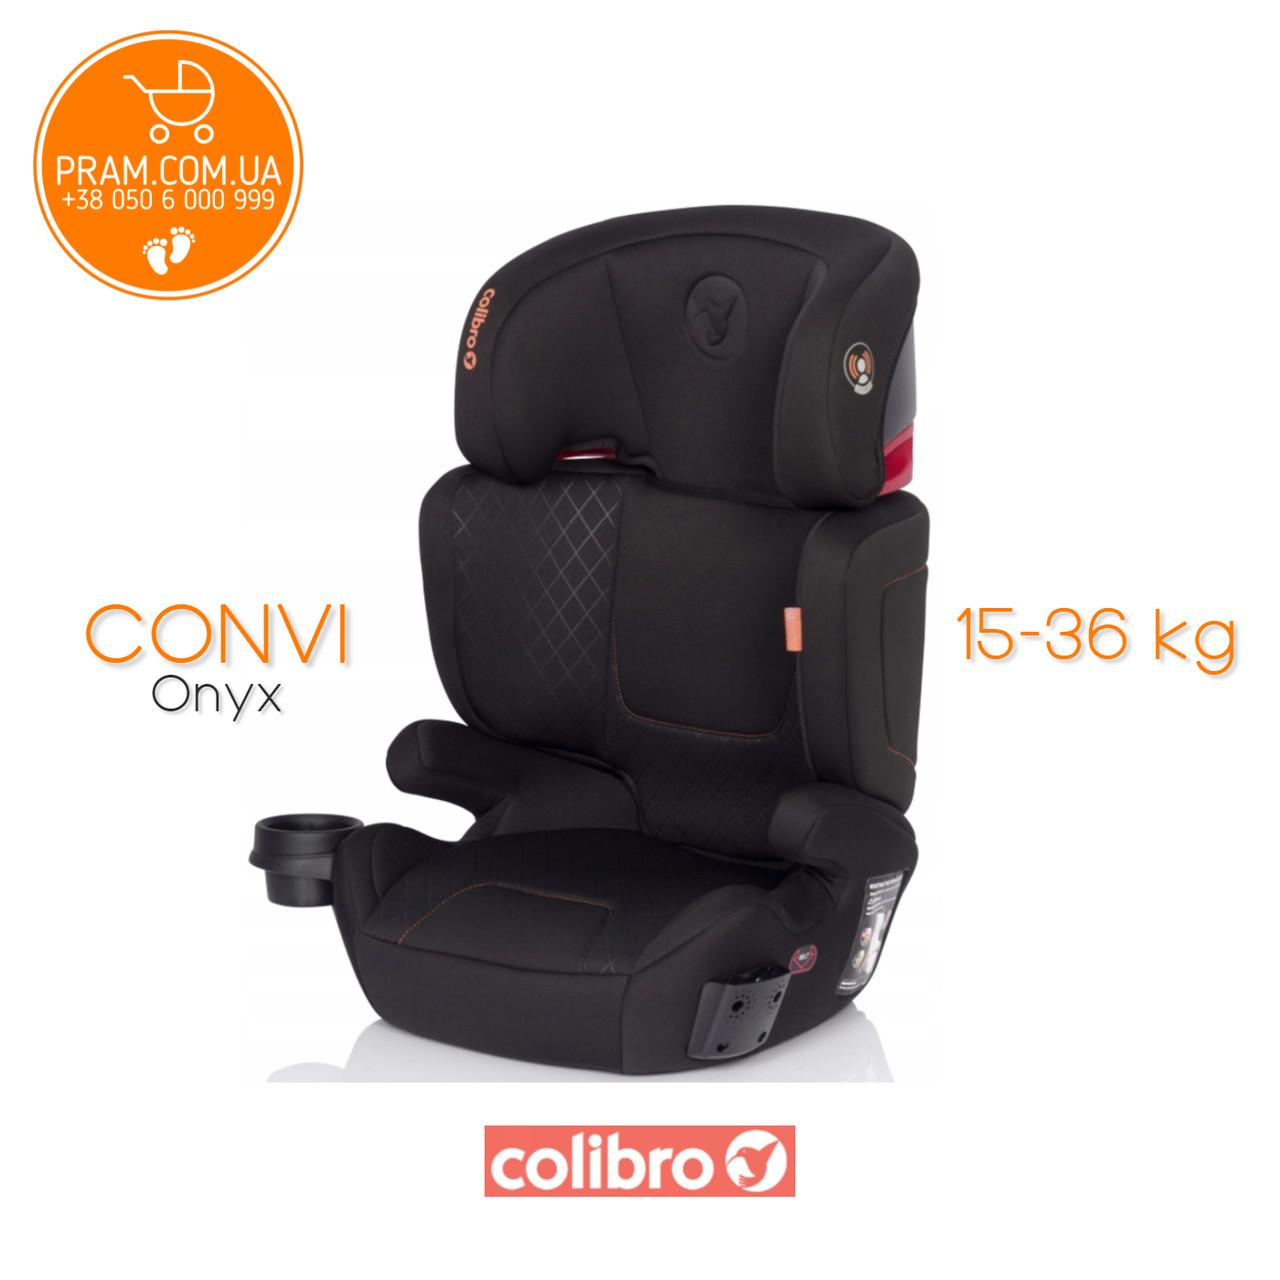 COLIBRO CONVI автокресло группы 2-3 (15-36 кг) Onyx Черный